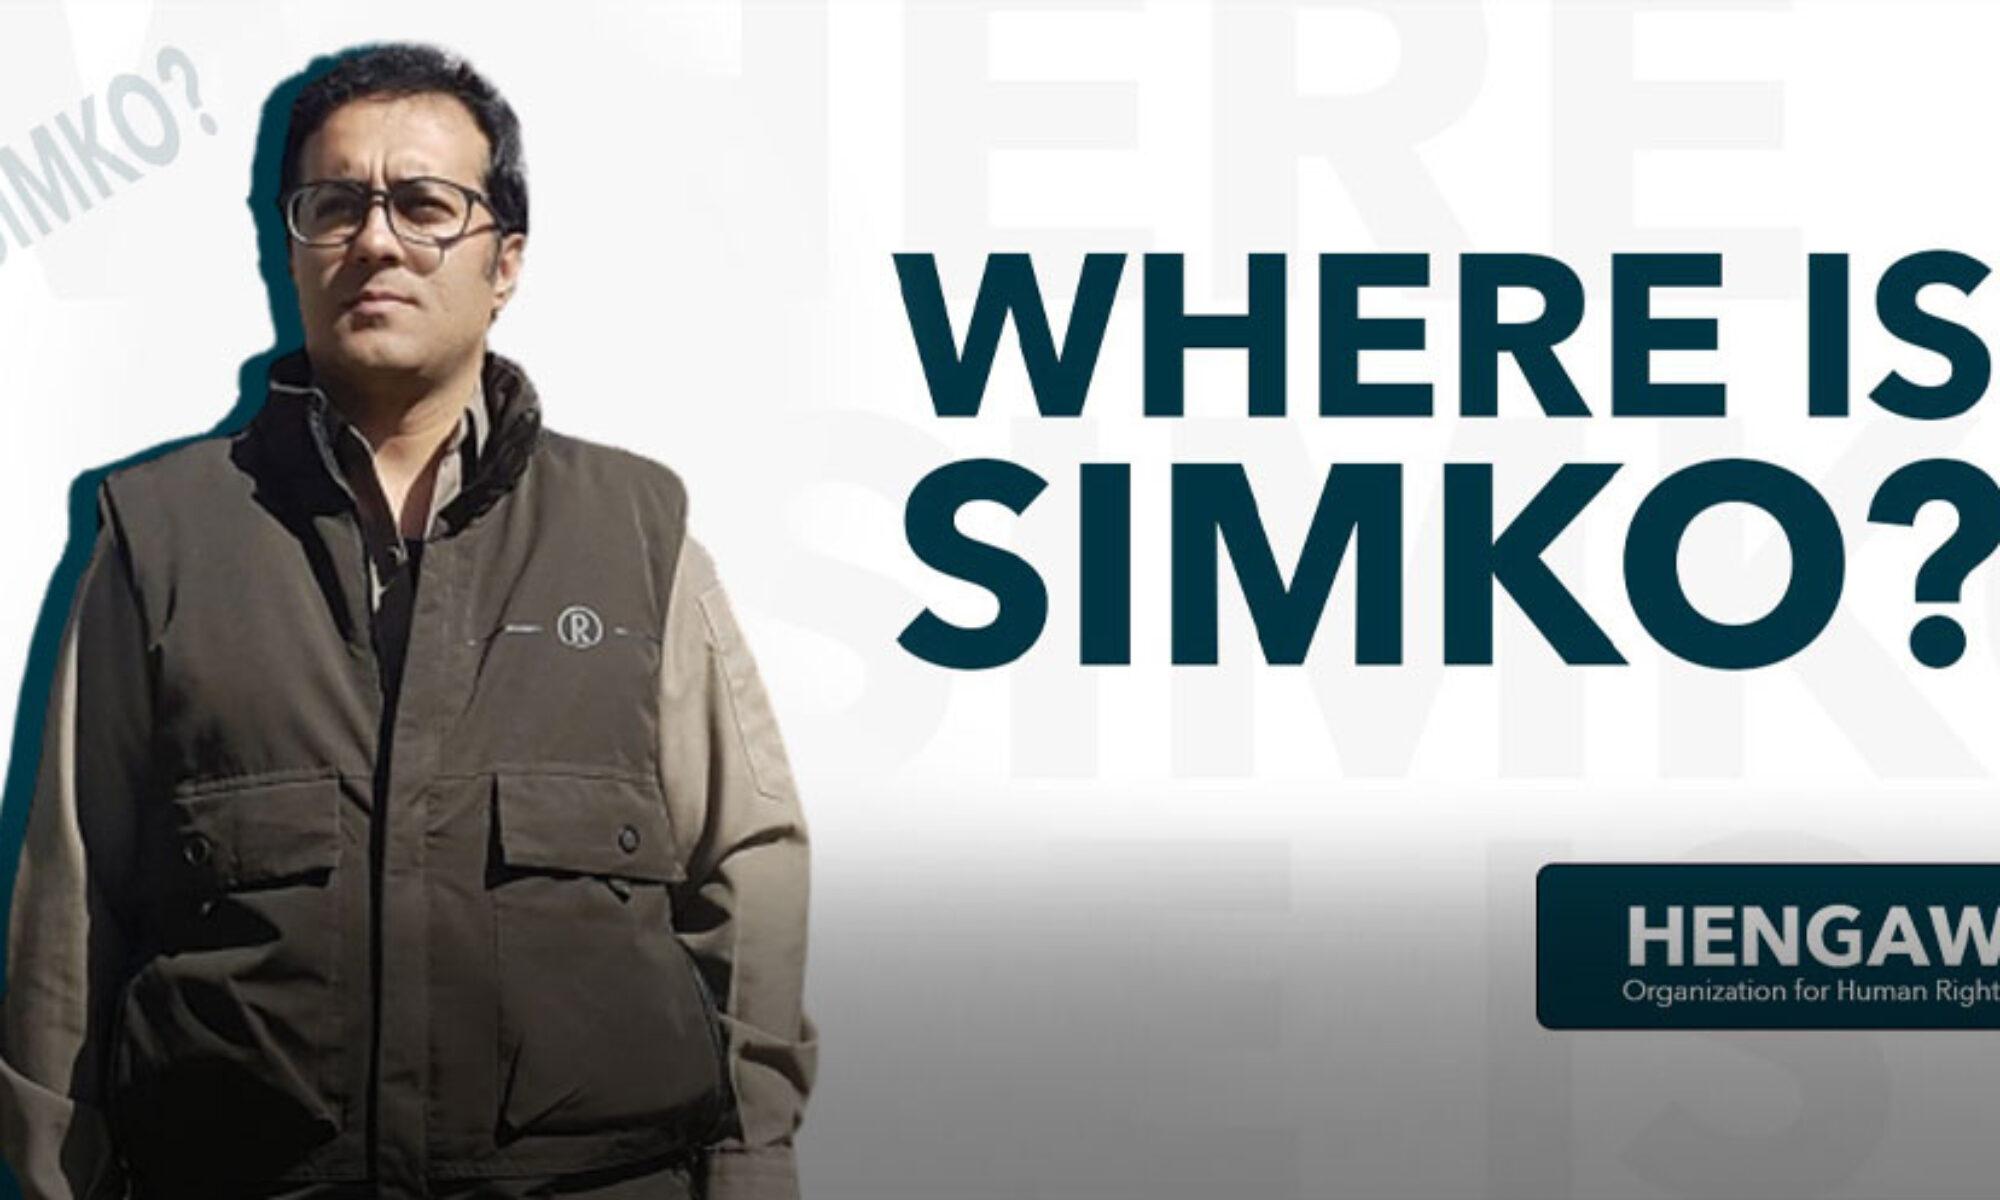 Hengaw YNK Anti-terör güçlerinin faili meçhul ettiği Simko Benefşî için çağrı yaptı